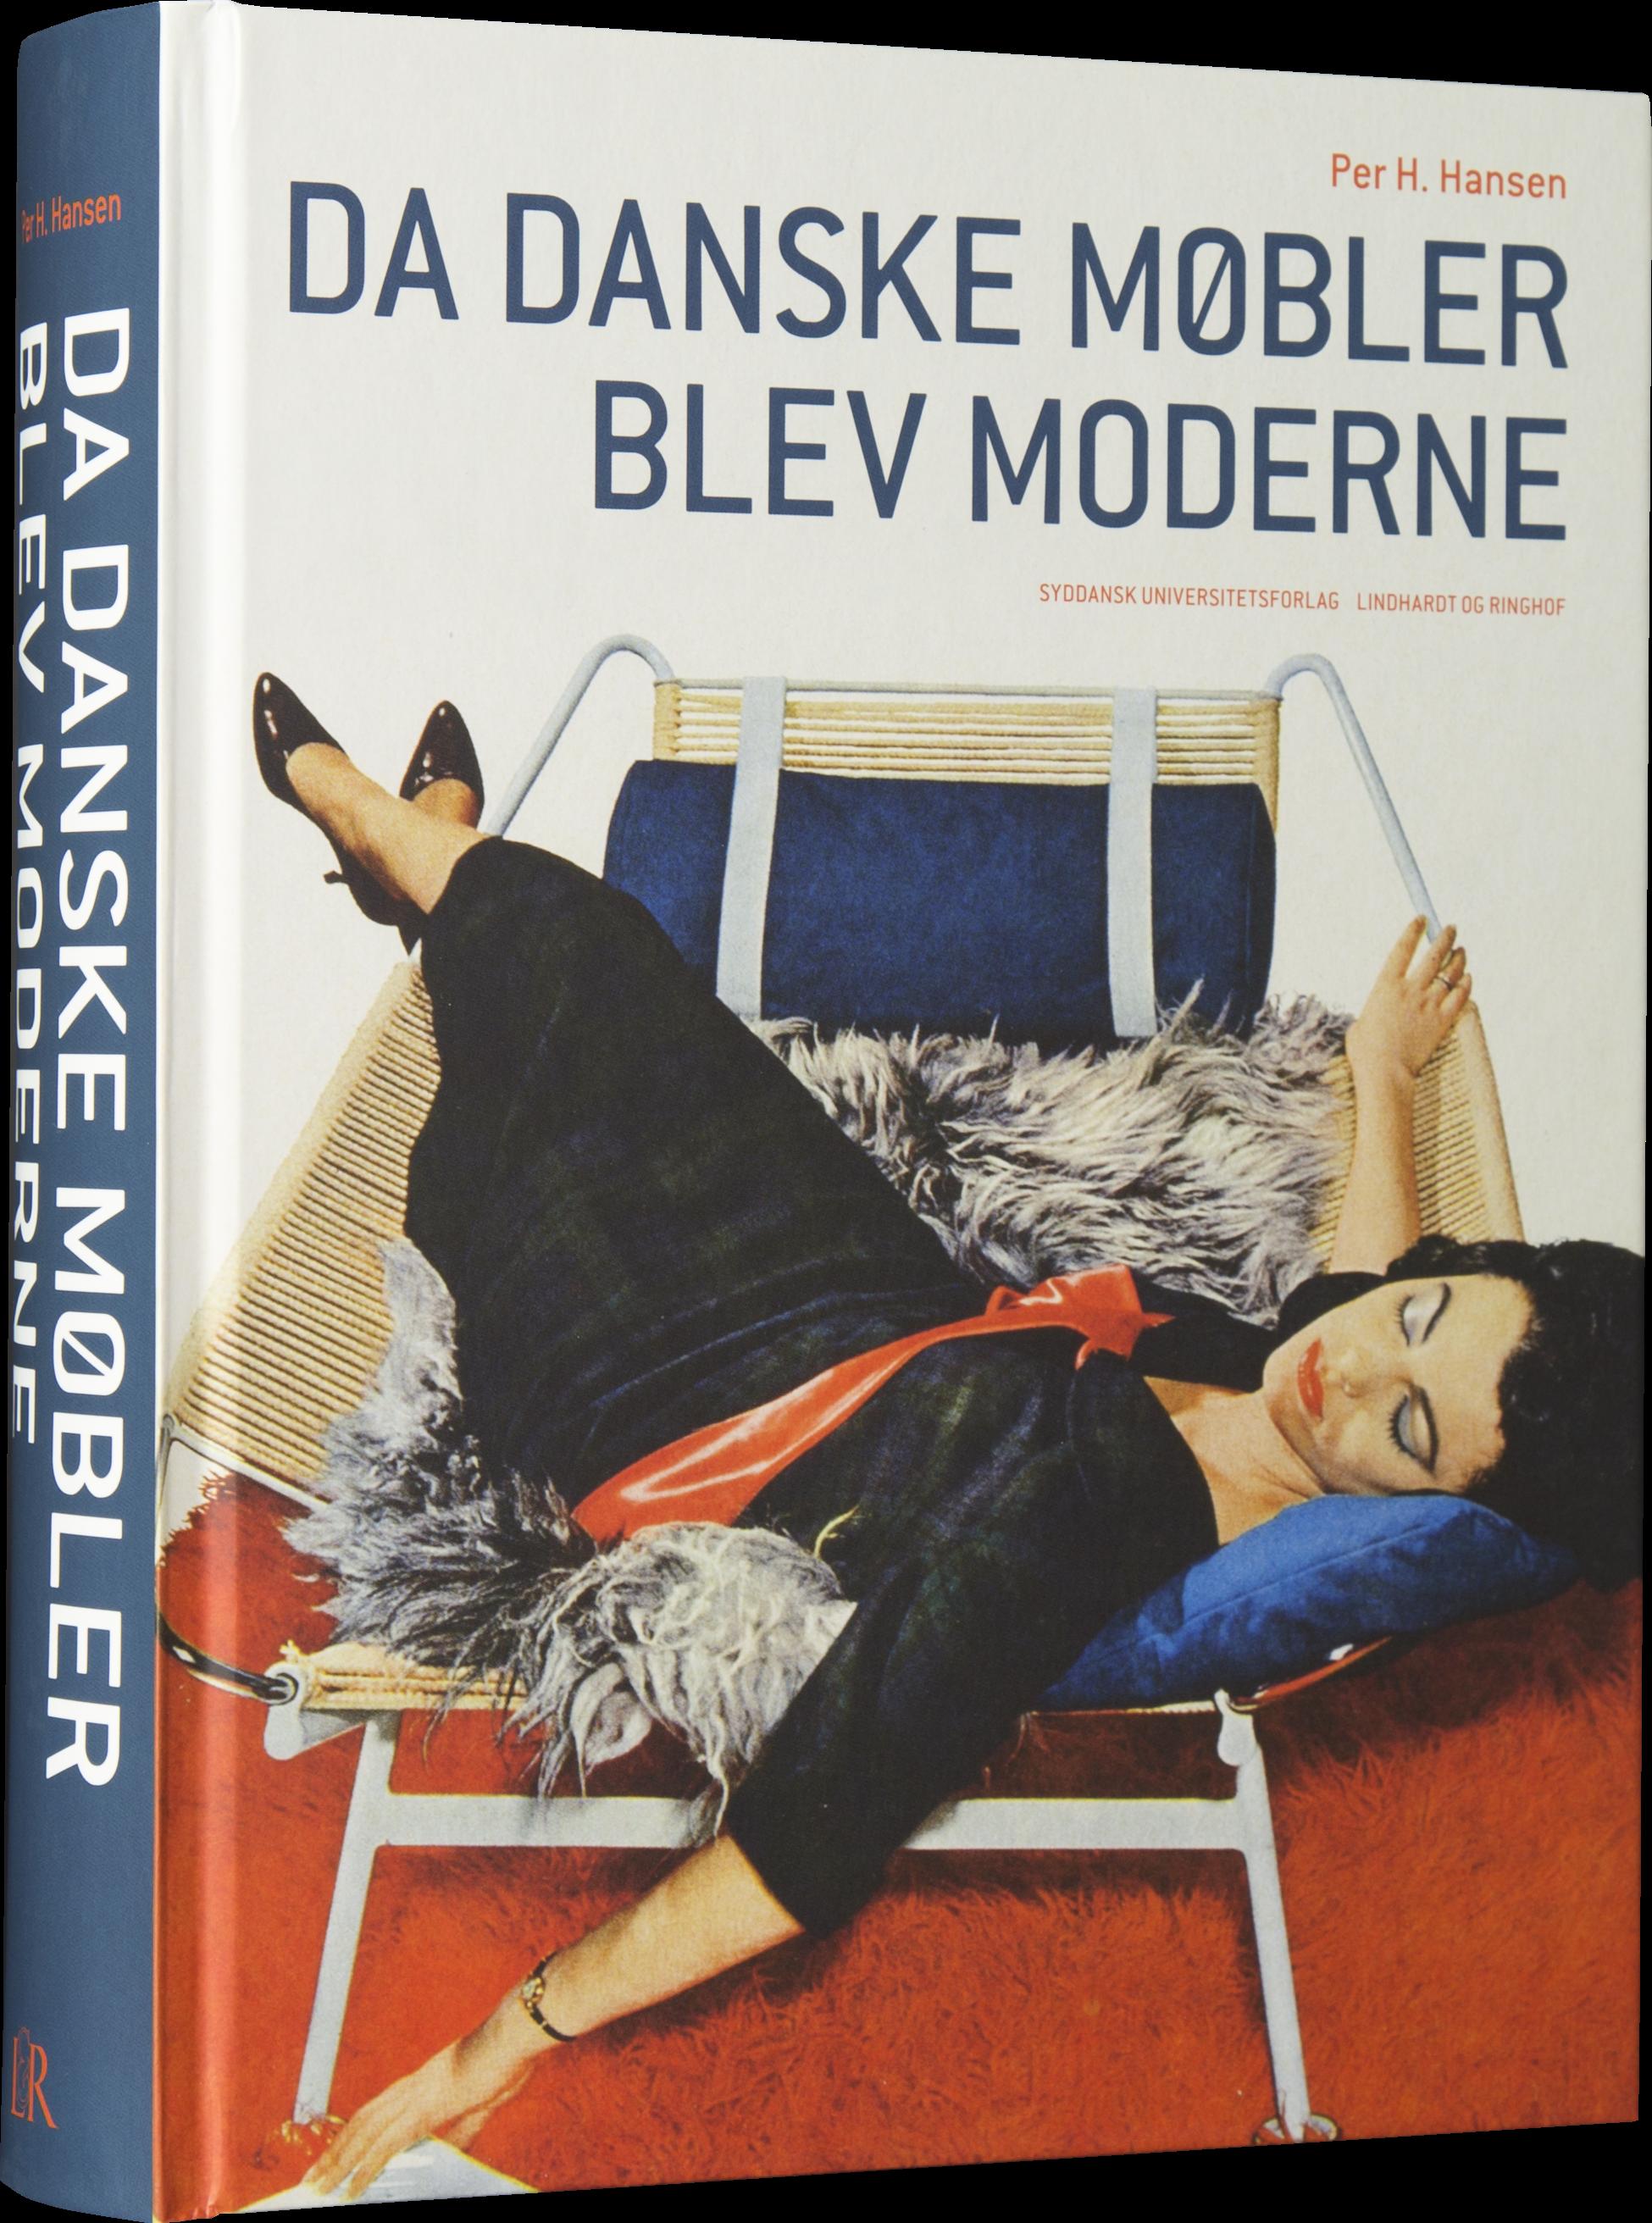 da danske møbler blev moderne, Per H. Hansen, danish design, danish furniture, dansk møbeldesign